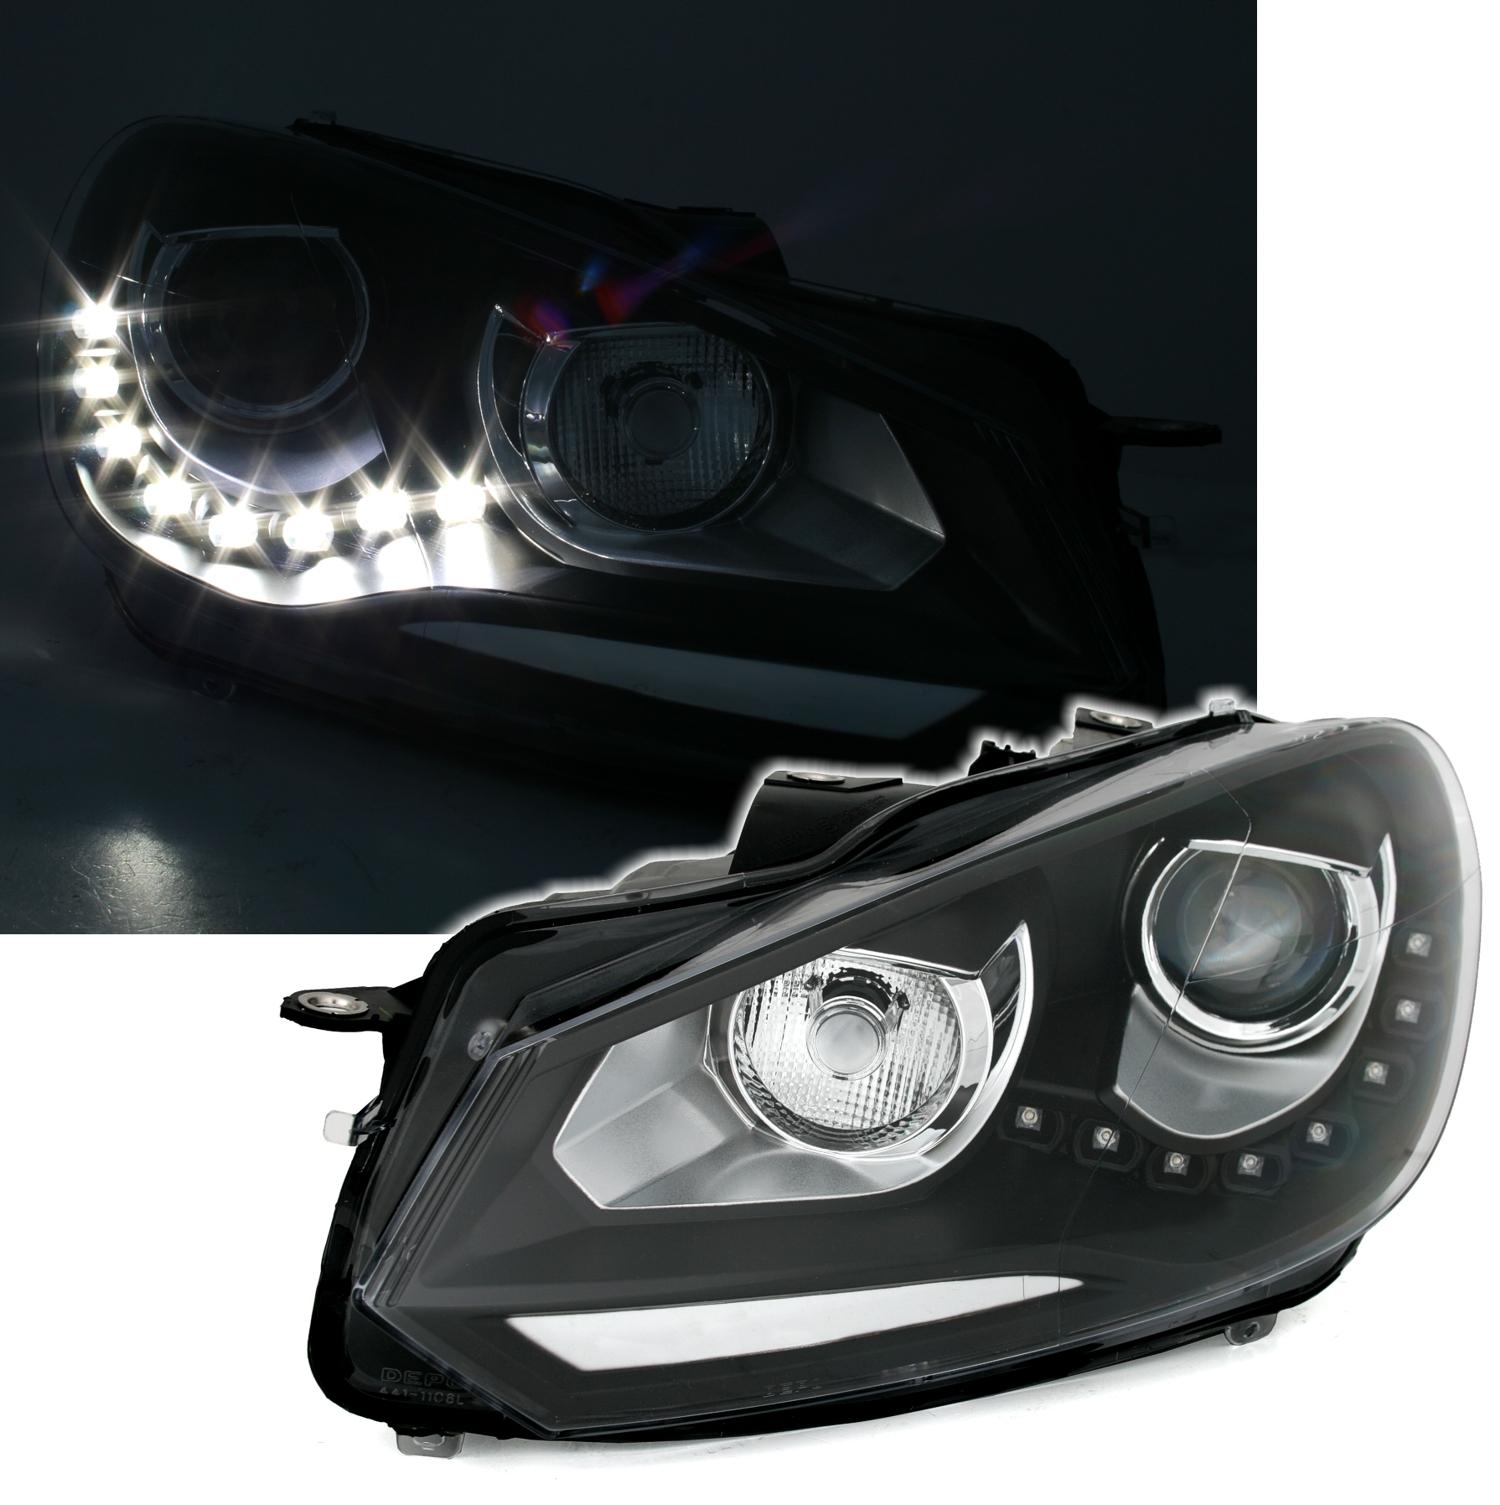 scheinwerfer set f r vw golf 6 mit tfl in schwarz ad tuning. Black Bedroom Furniture Sets. Home Design Ideas